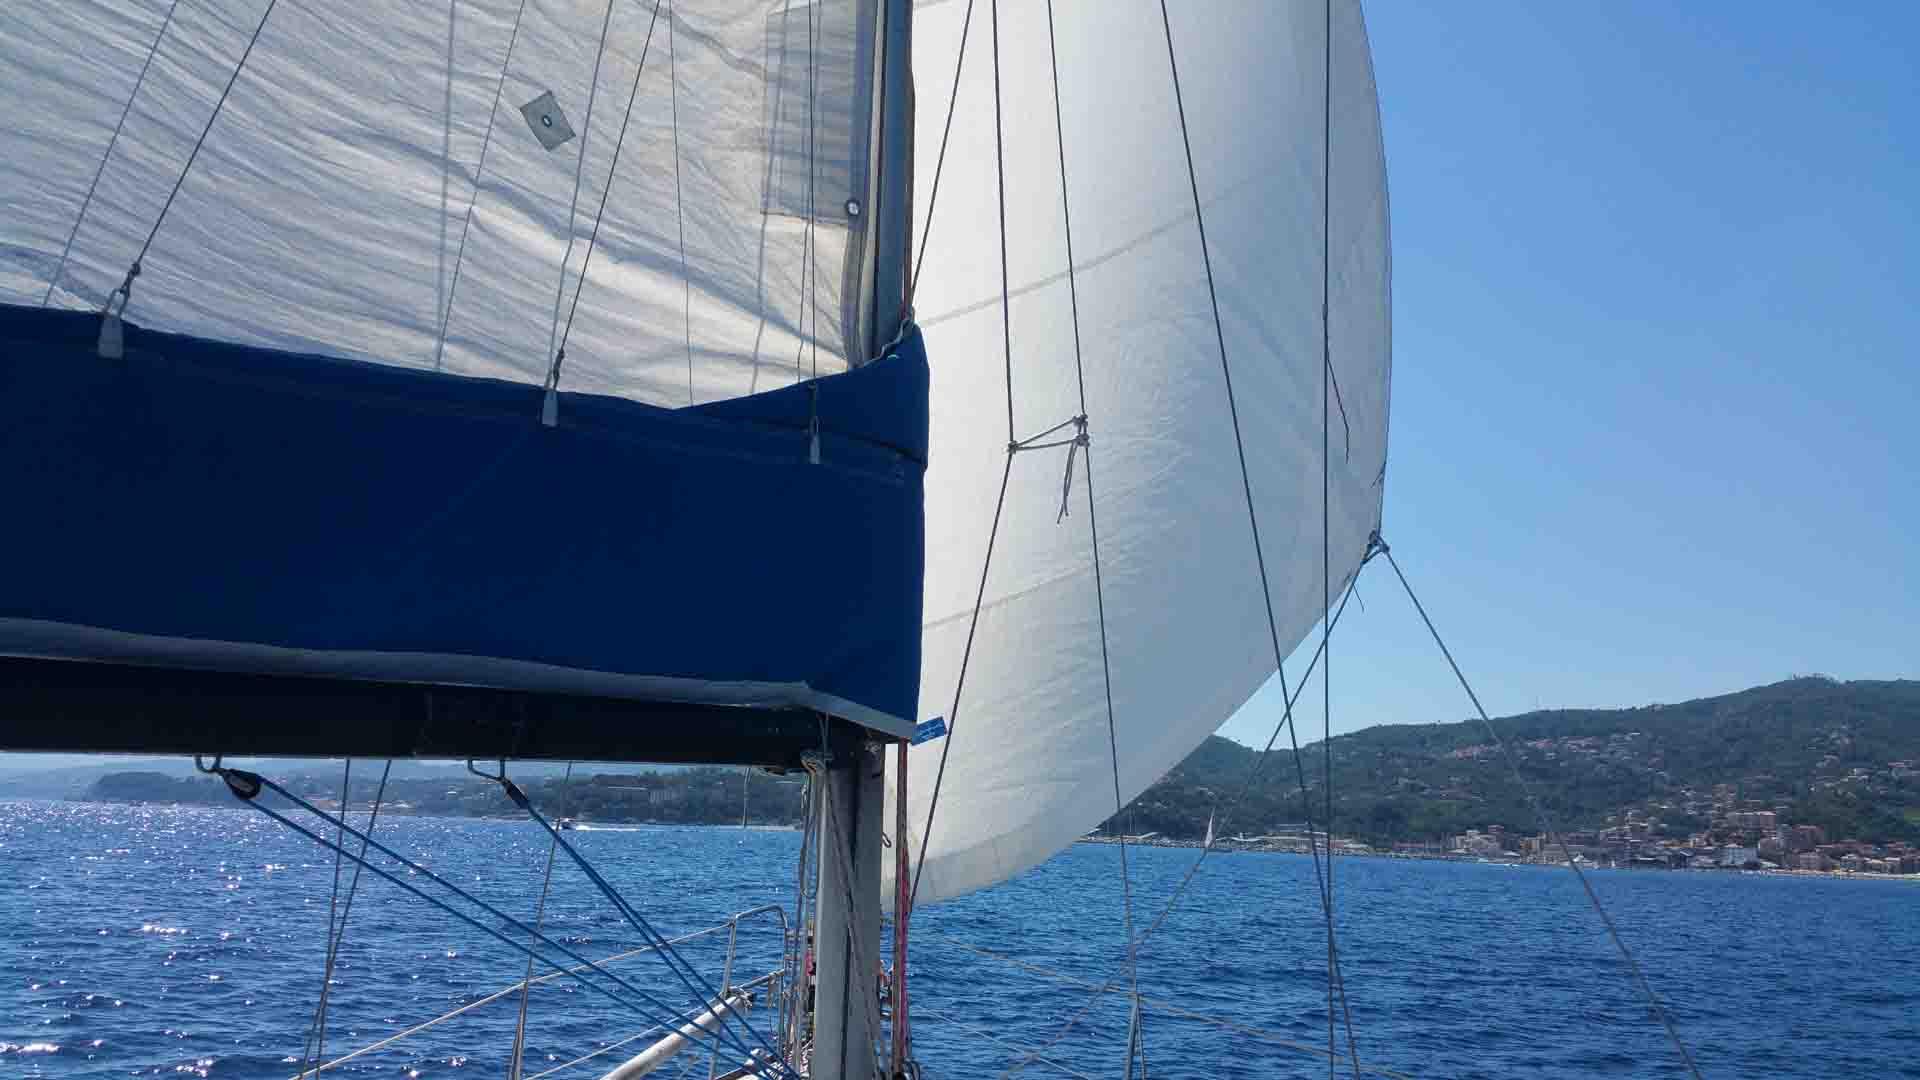 Doccia scampata armo velico Beneteau Oceanis 31.3 rollafiocco Marina Di Varazze esperienze di vela